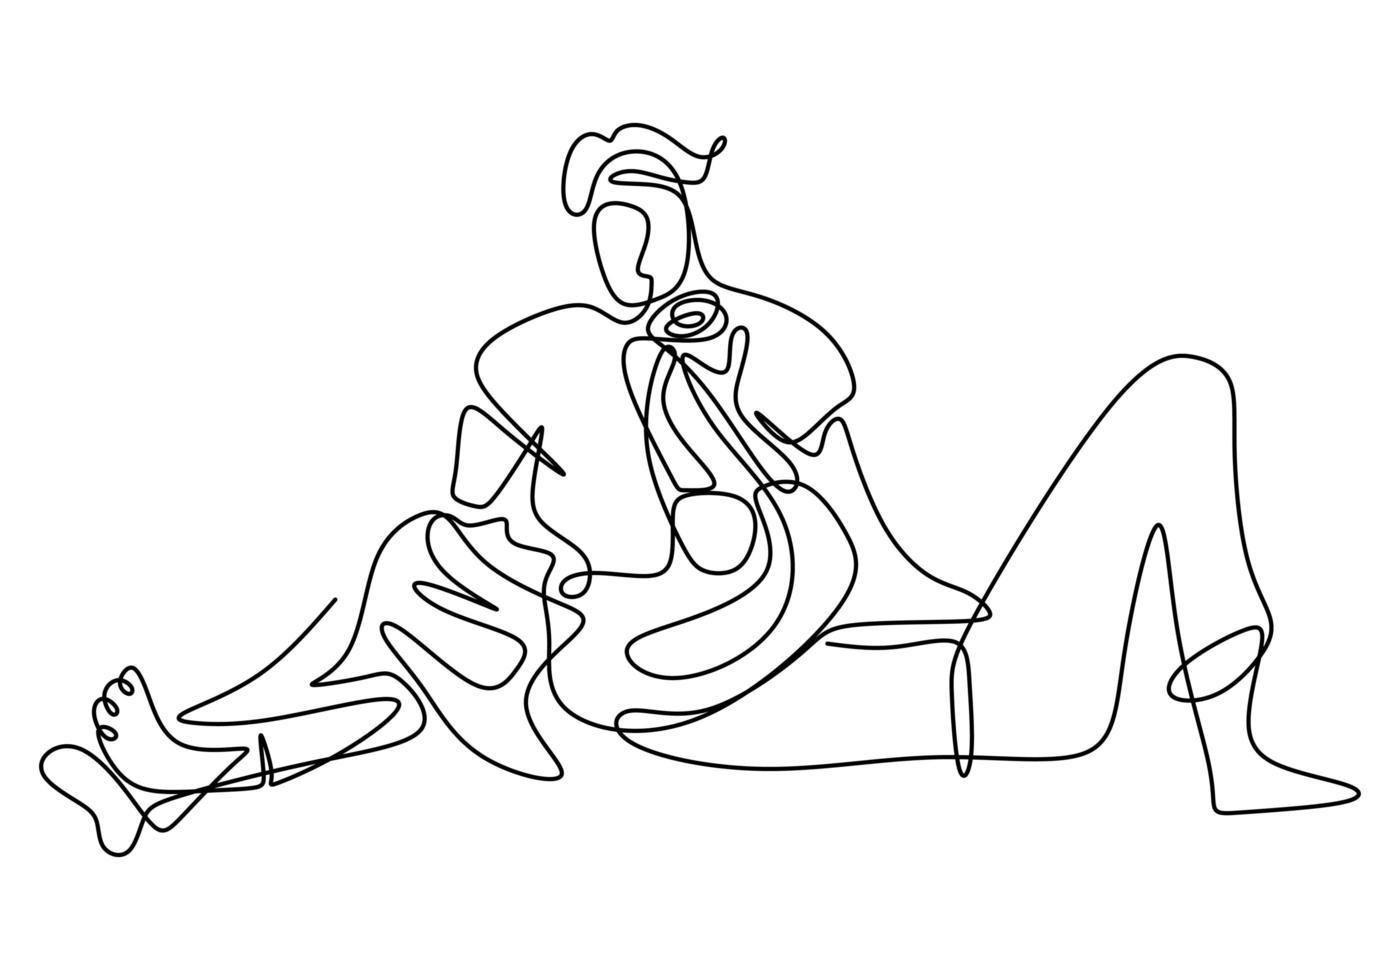 continu een lijntekening, vector van verliefde paar. minimalisme ontwerp met eenvoud hand getekend geïsoleerd op een witte achtergrond.